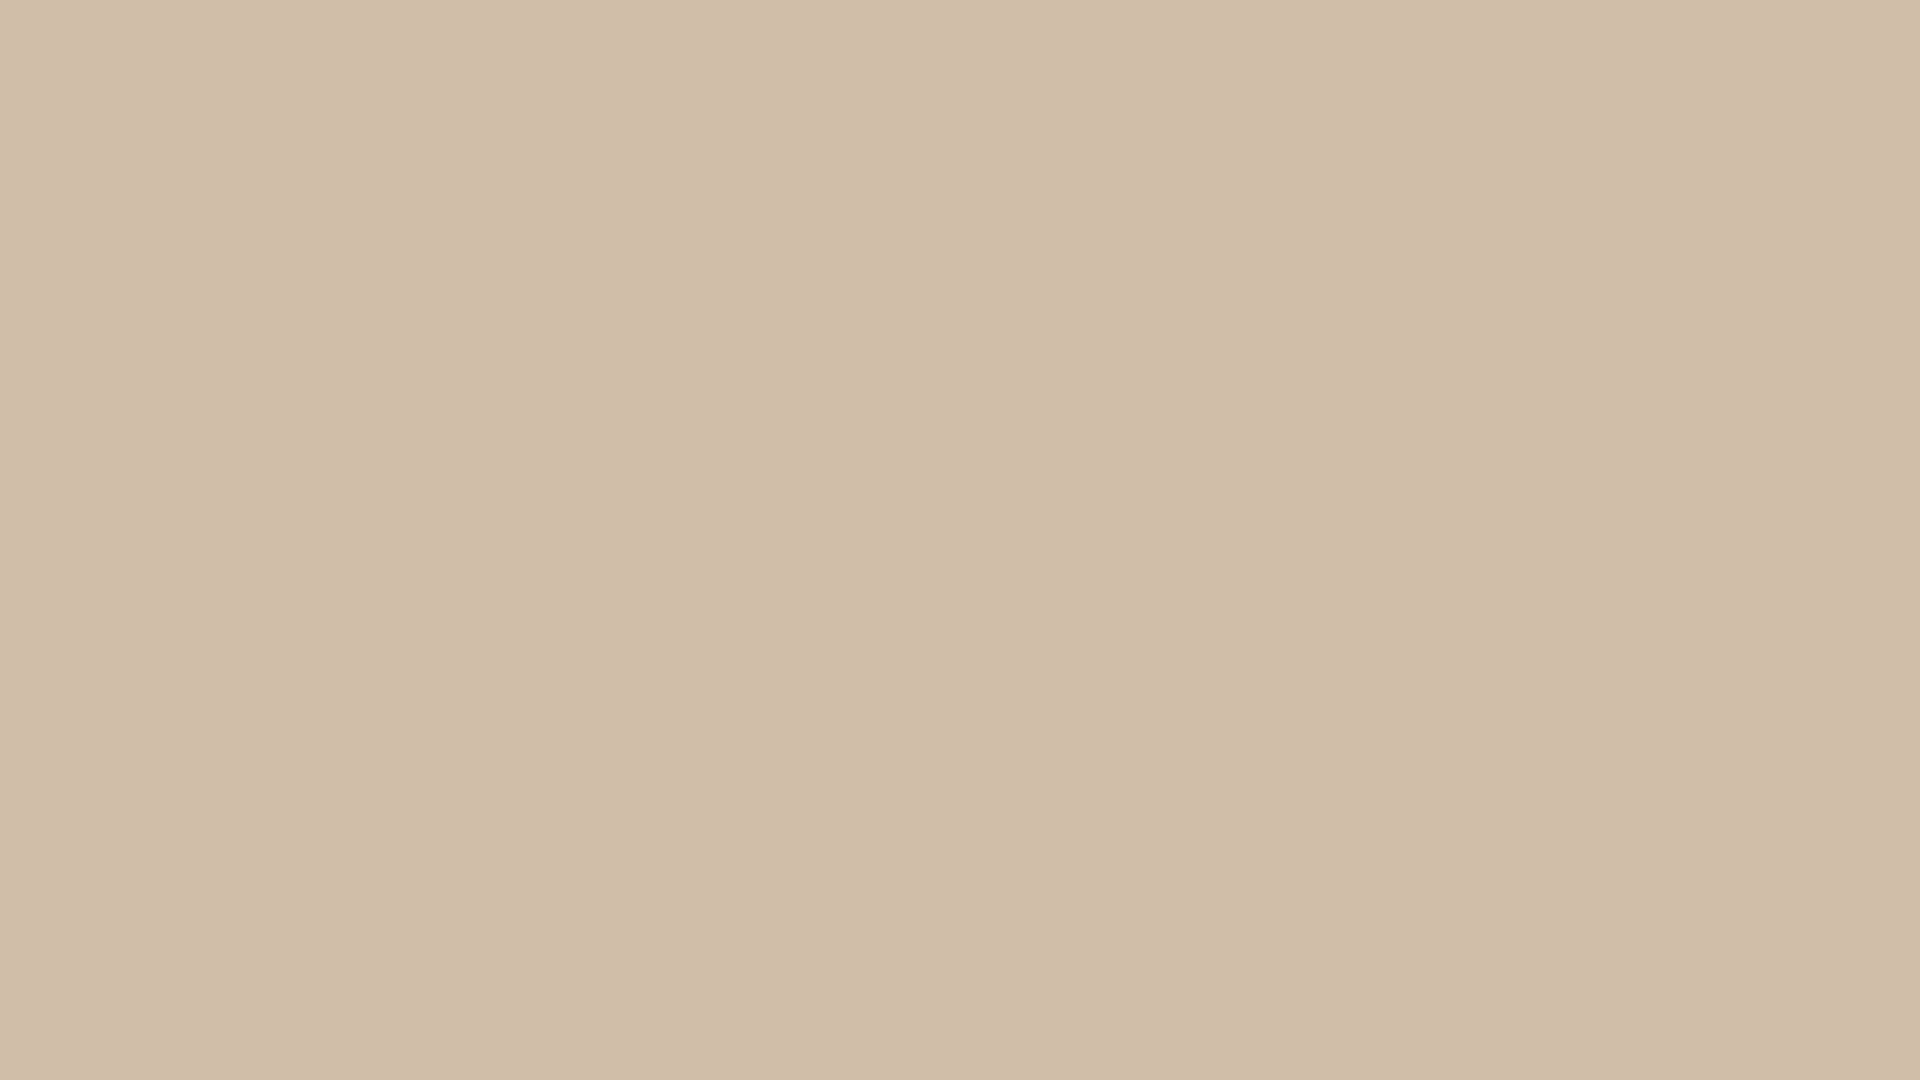 1920x1080 Dark Vanilla Solid Color Background